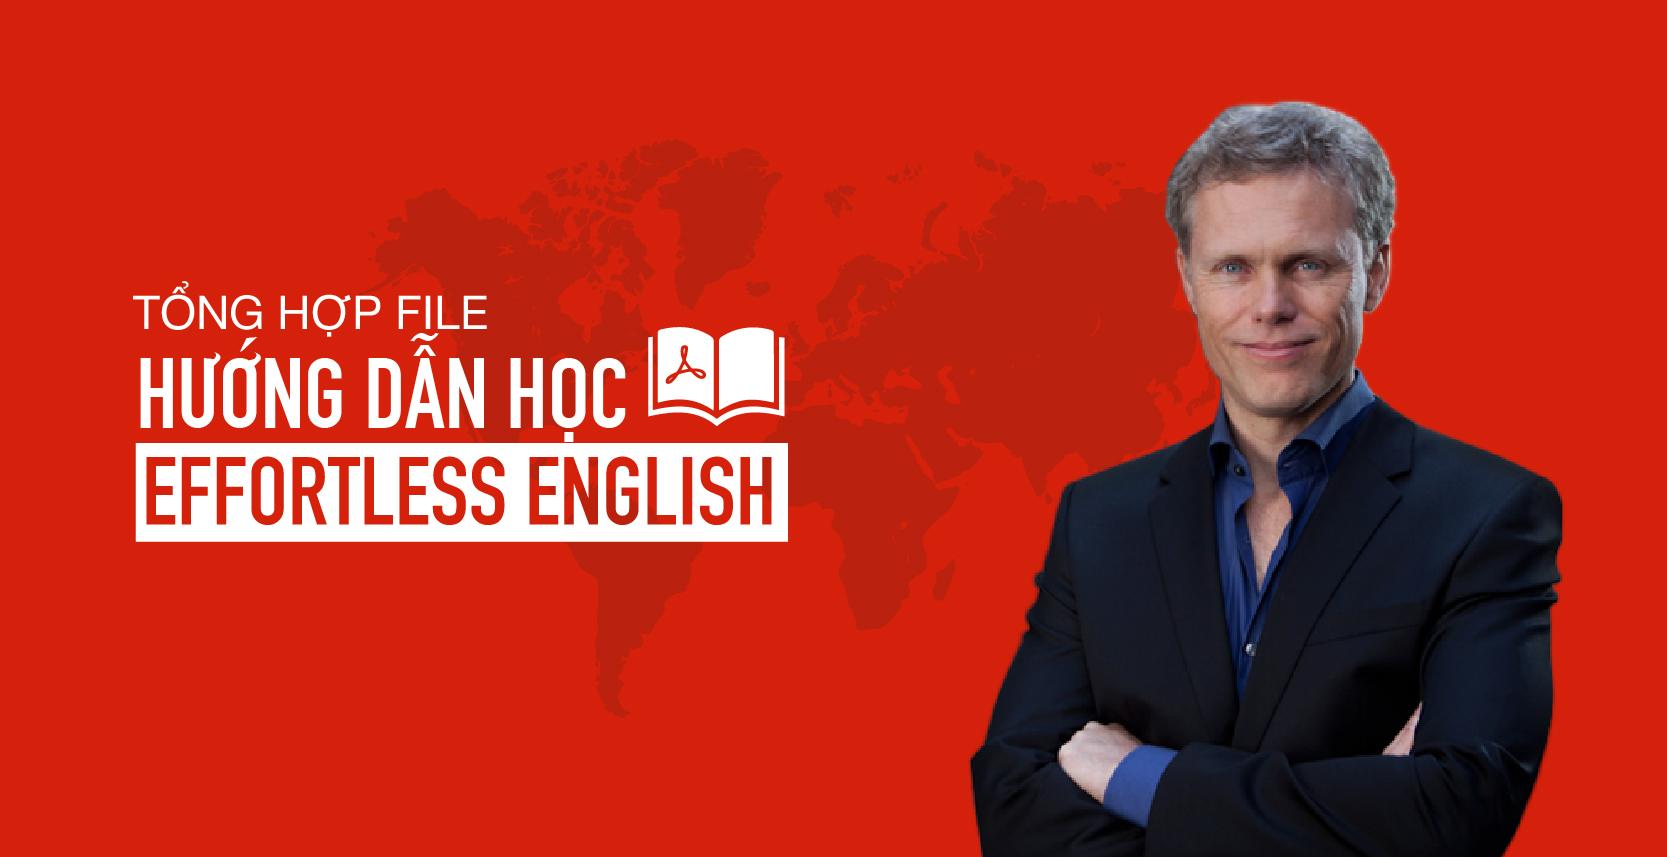 Tổng hợp Ebook Hướng dẫn học Effortless English 2017 (Bản đầy đủ)